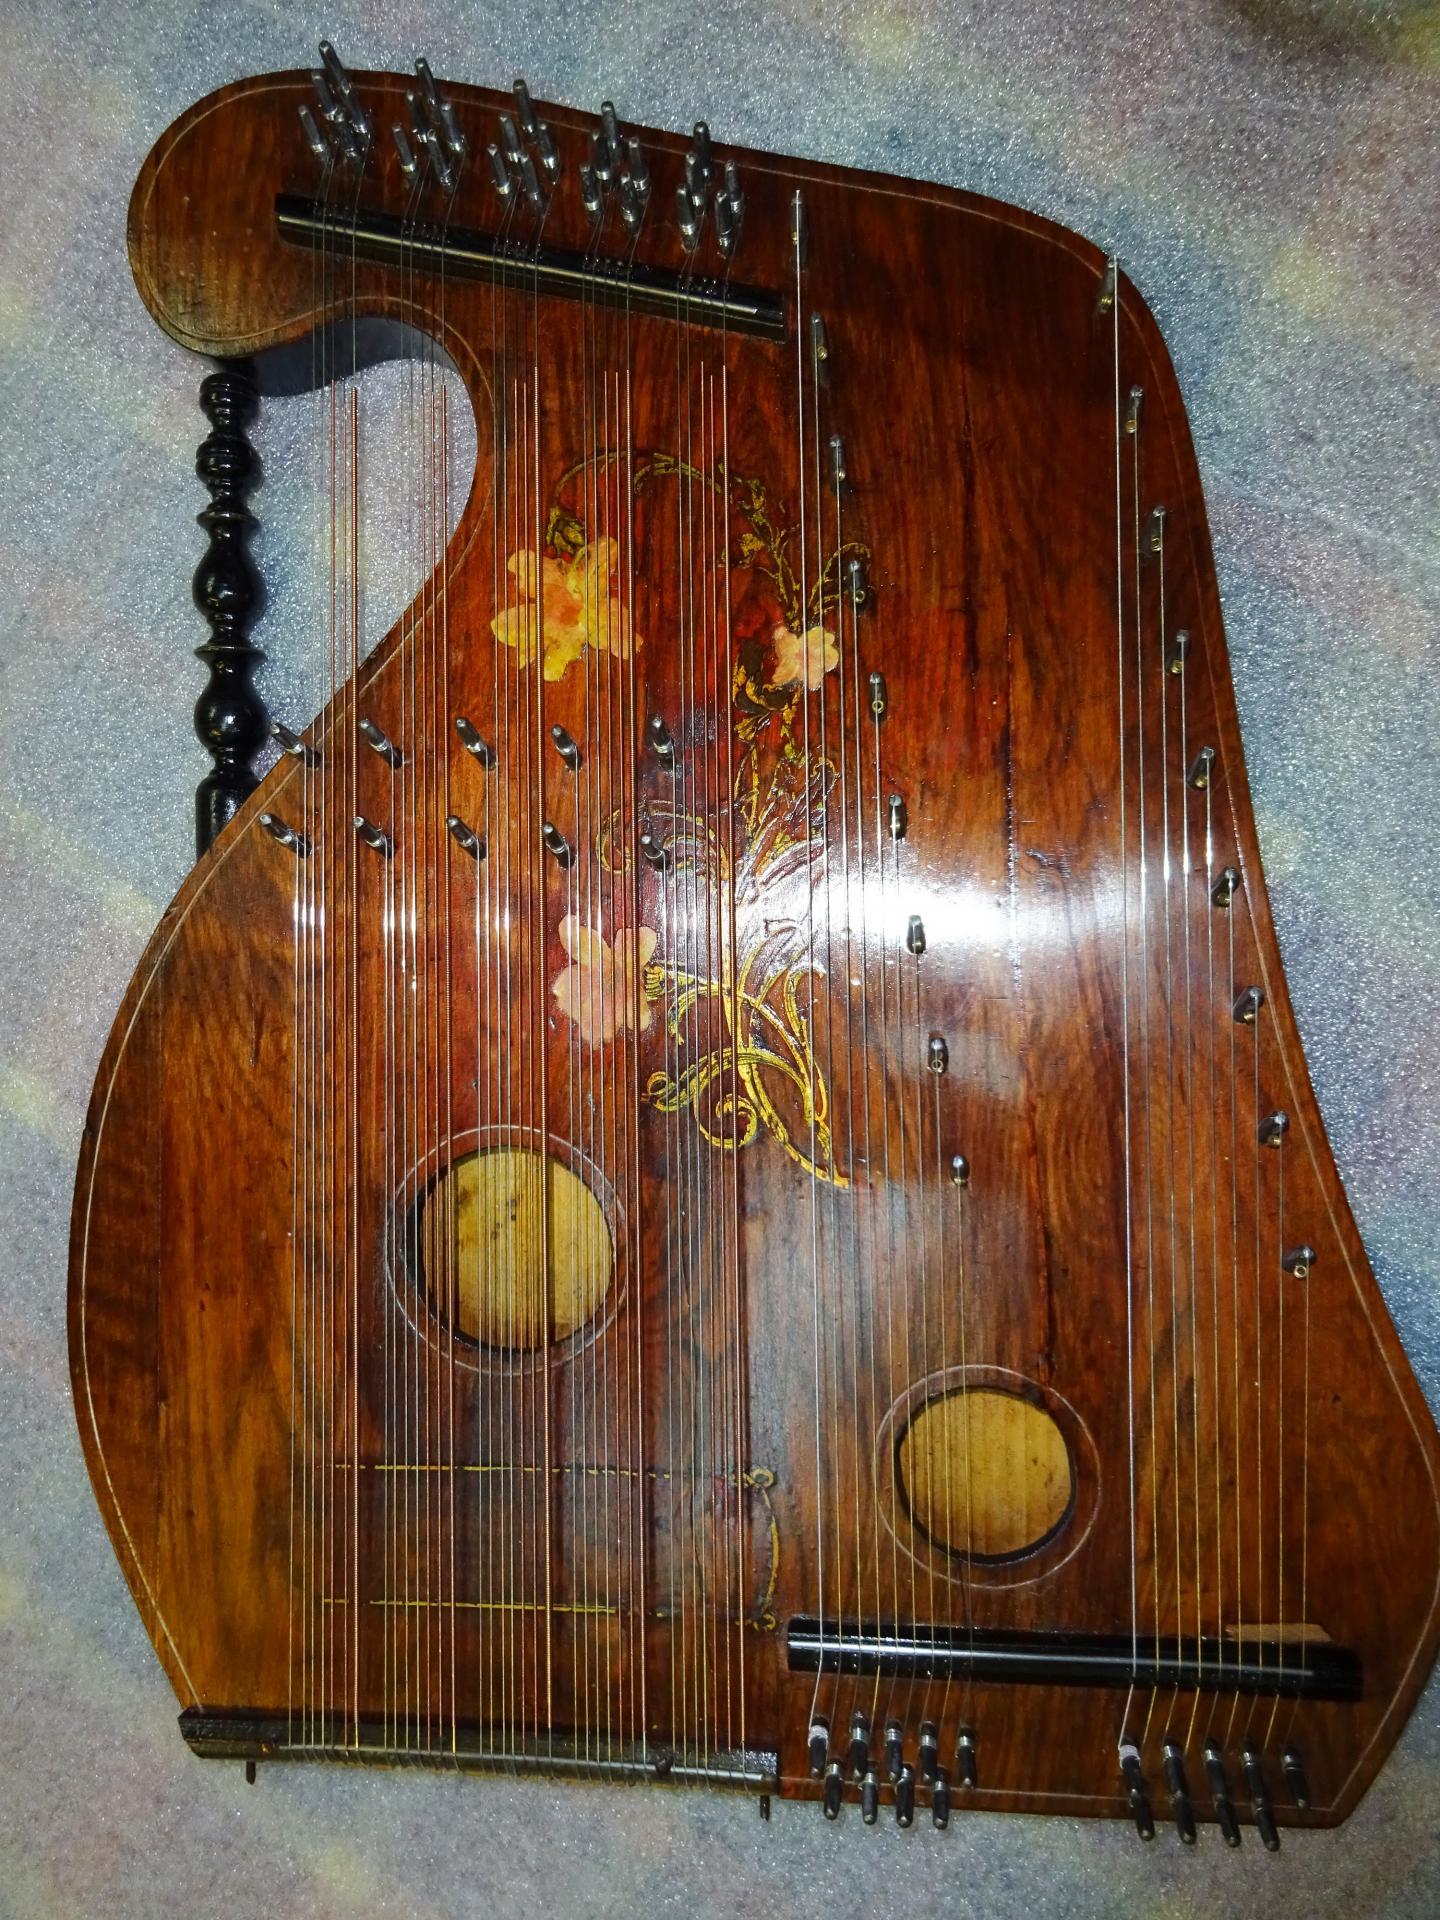 Cithare violon 16 ap